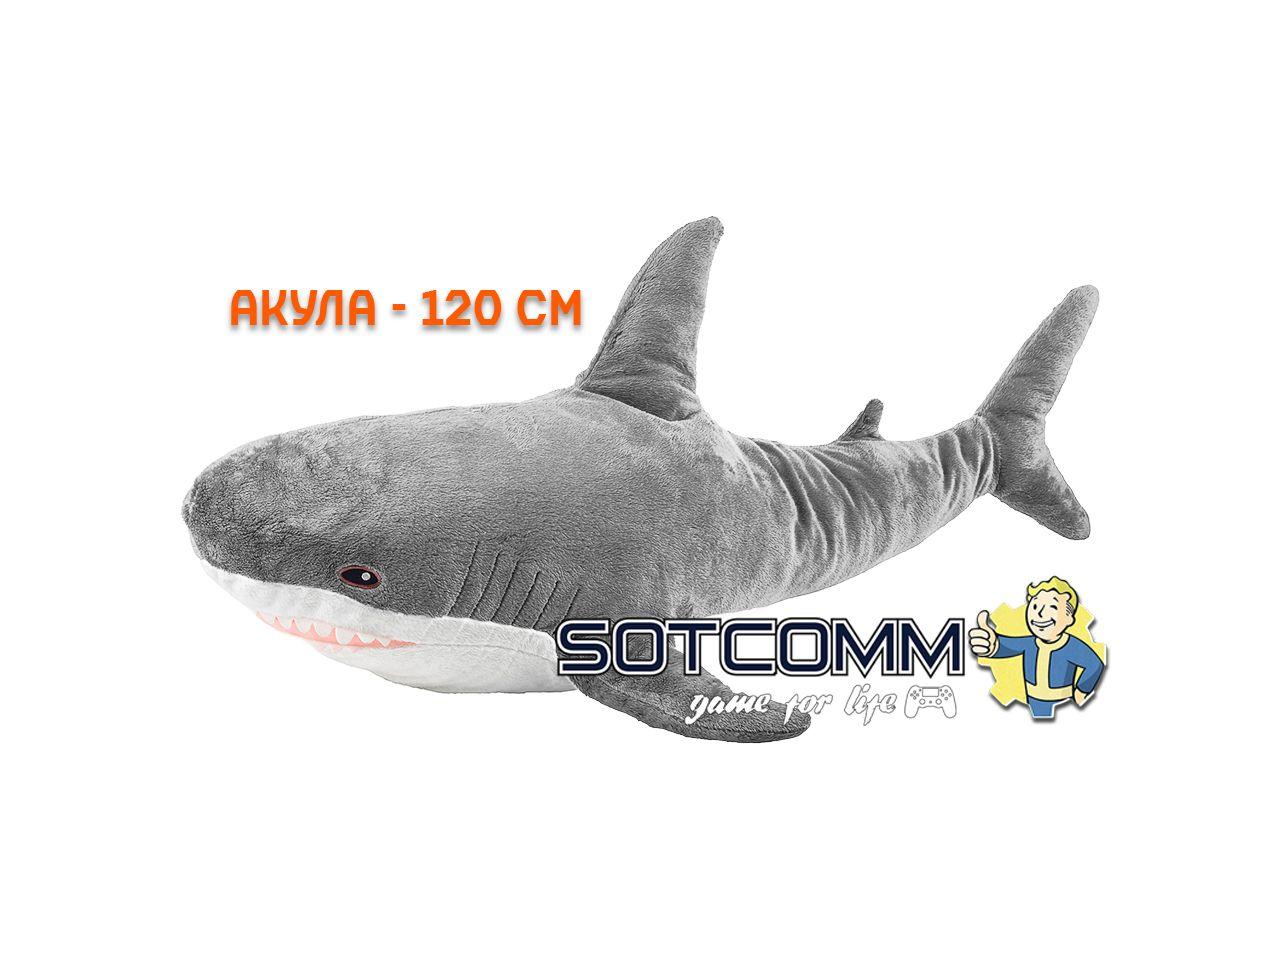 Плюшевая акула из Икеи 120 см